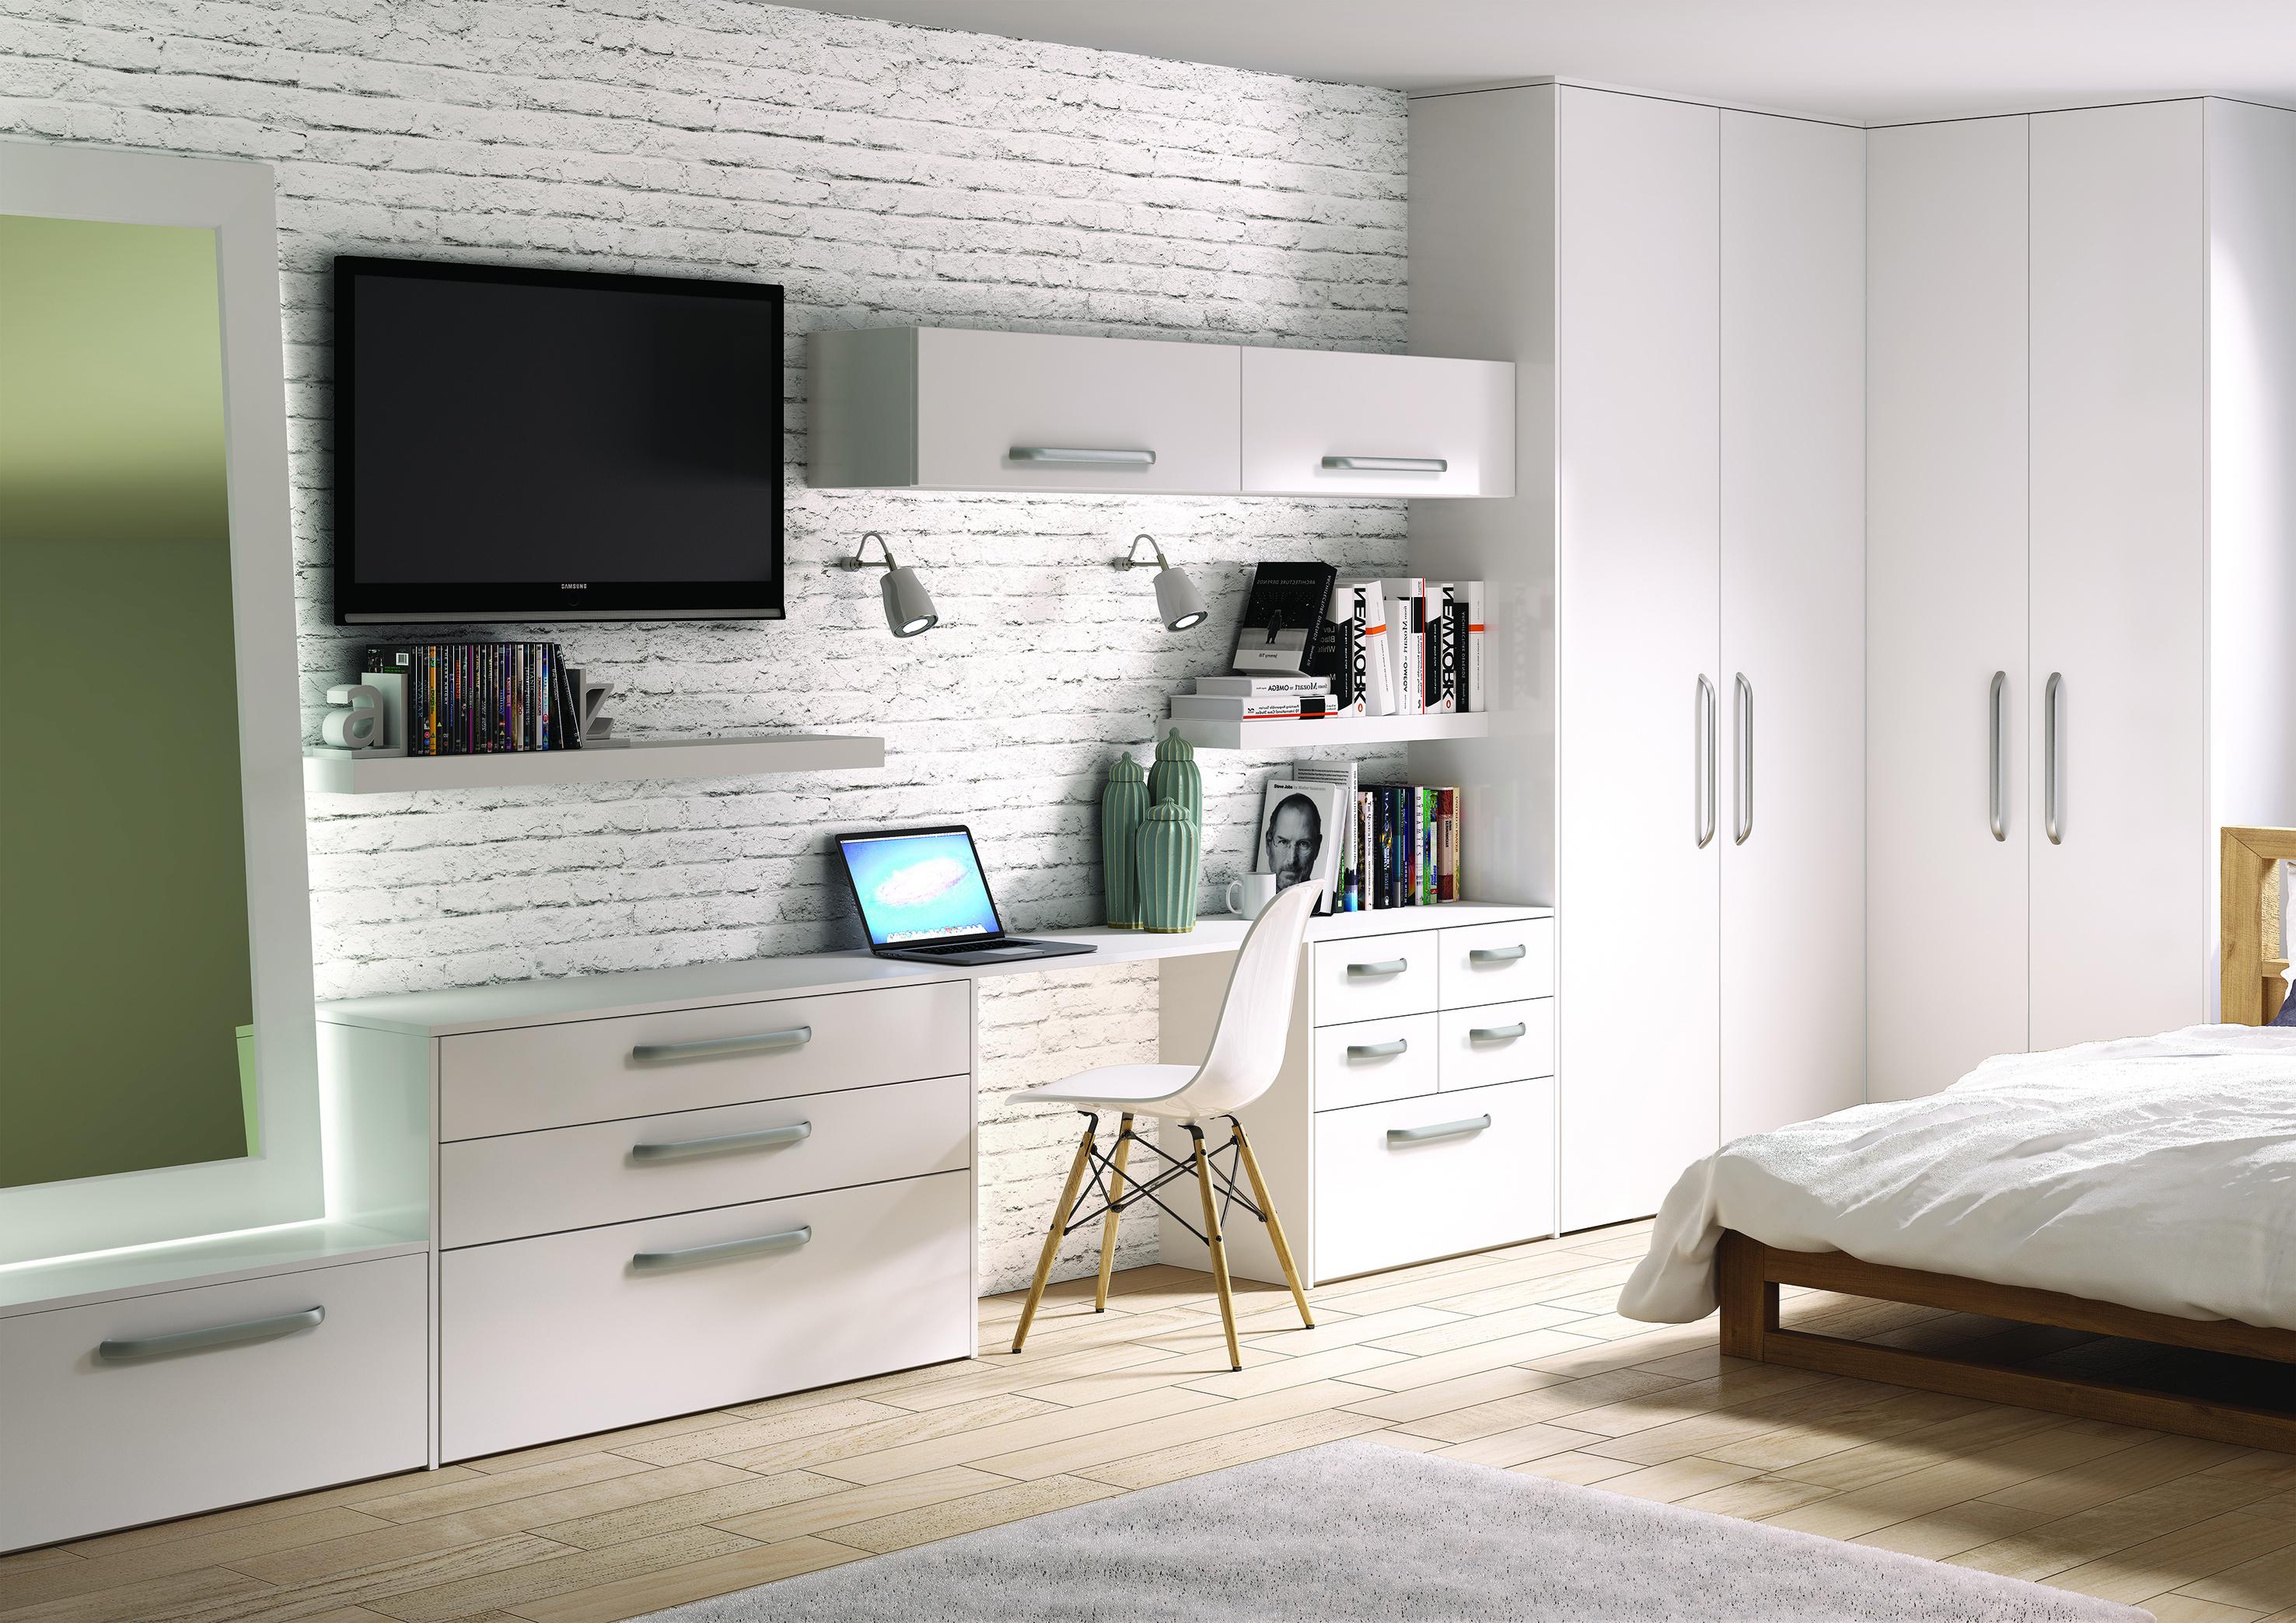 Bedroom Ecr Kitchens